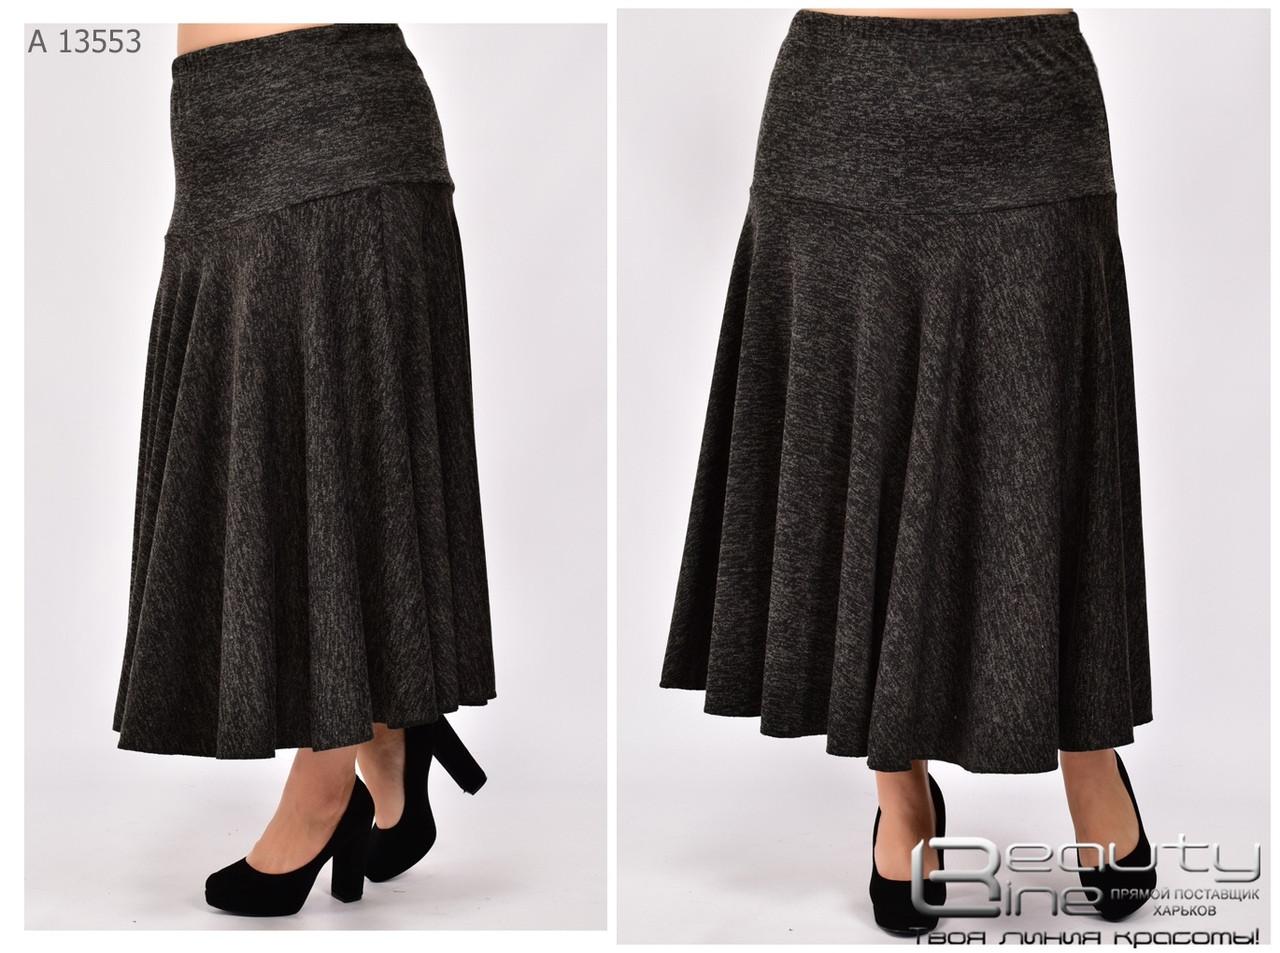 Теплая женская юбка ангора софт в большом размере  Размеры: 50.52.54.56.58.60.62.64.66.68.